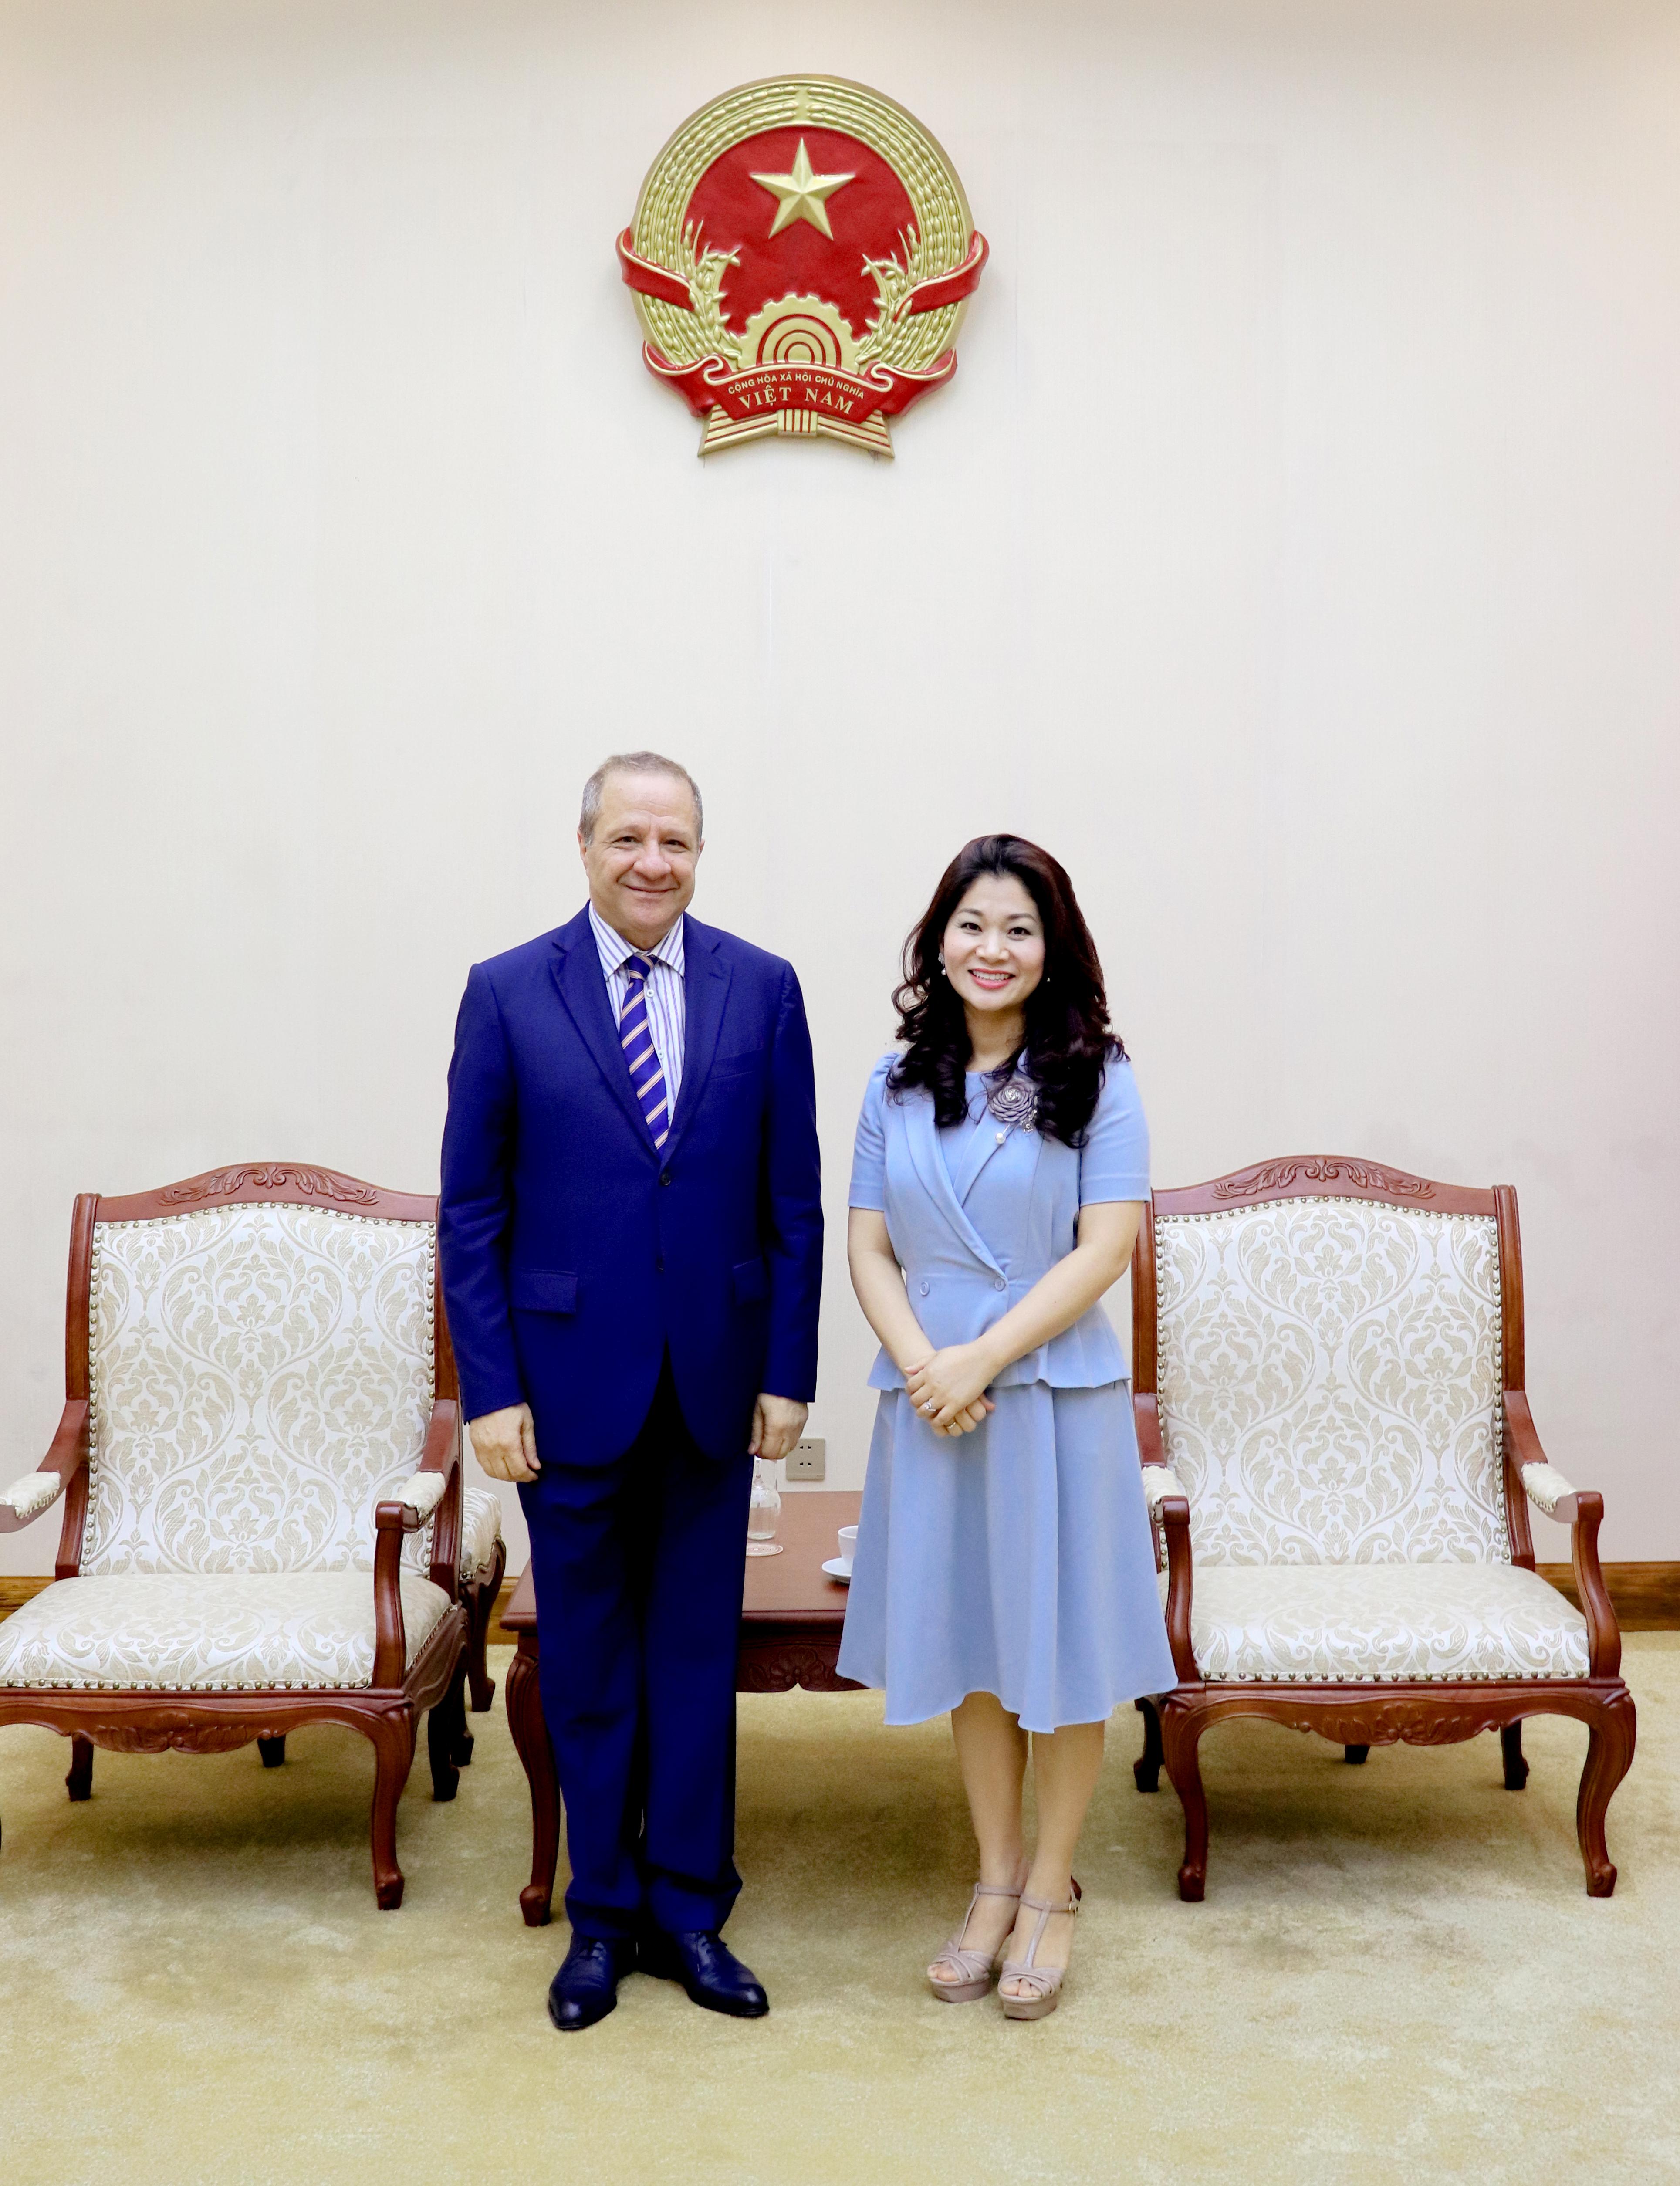 Cục trưởng Nguyễn Phương Hòa tiếp Đại sứ An-giê-ri tại Việt Nam - Ảnh 2.